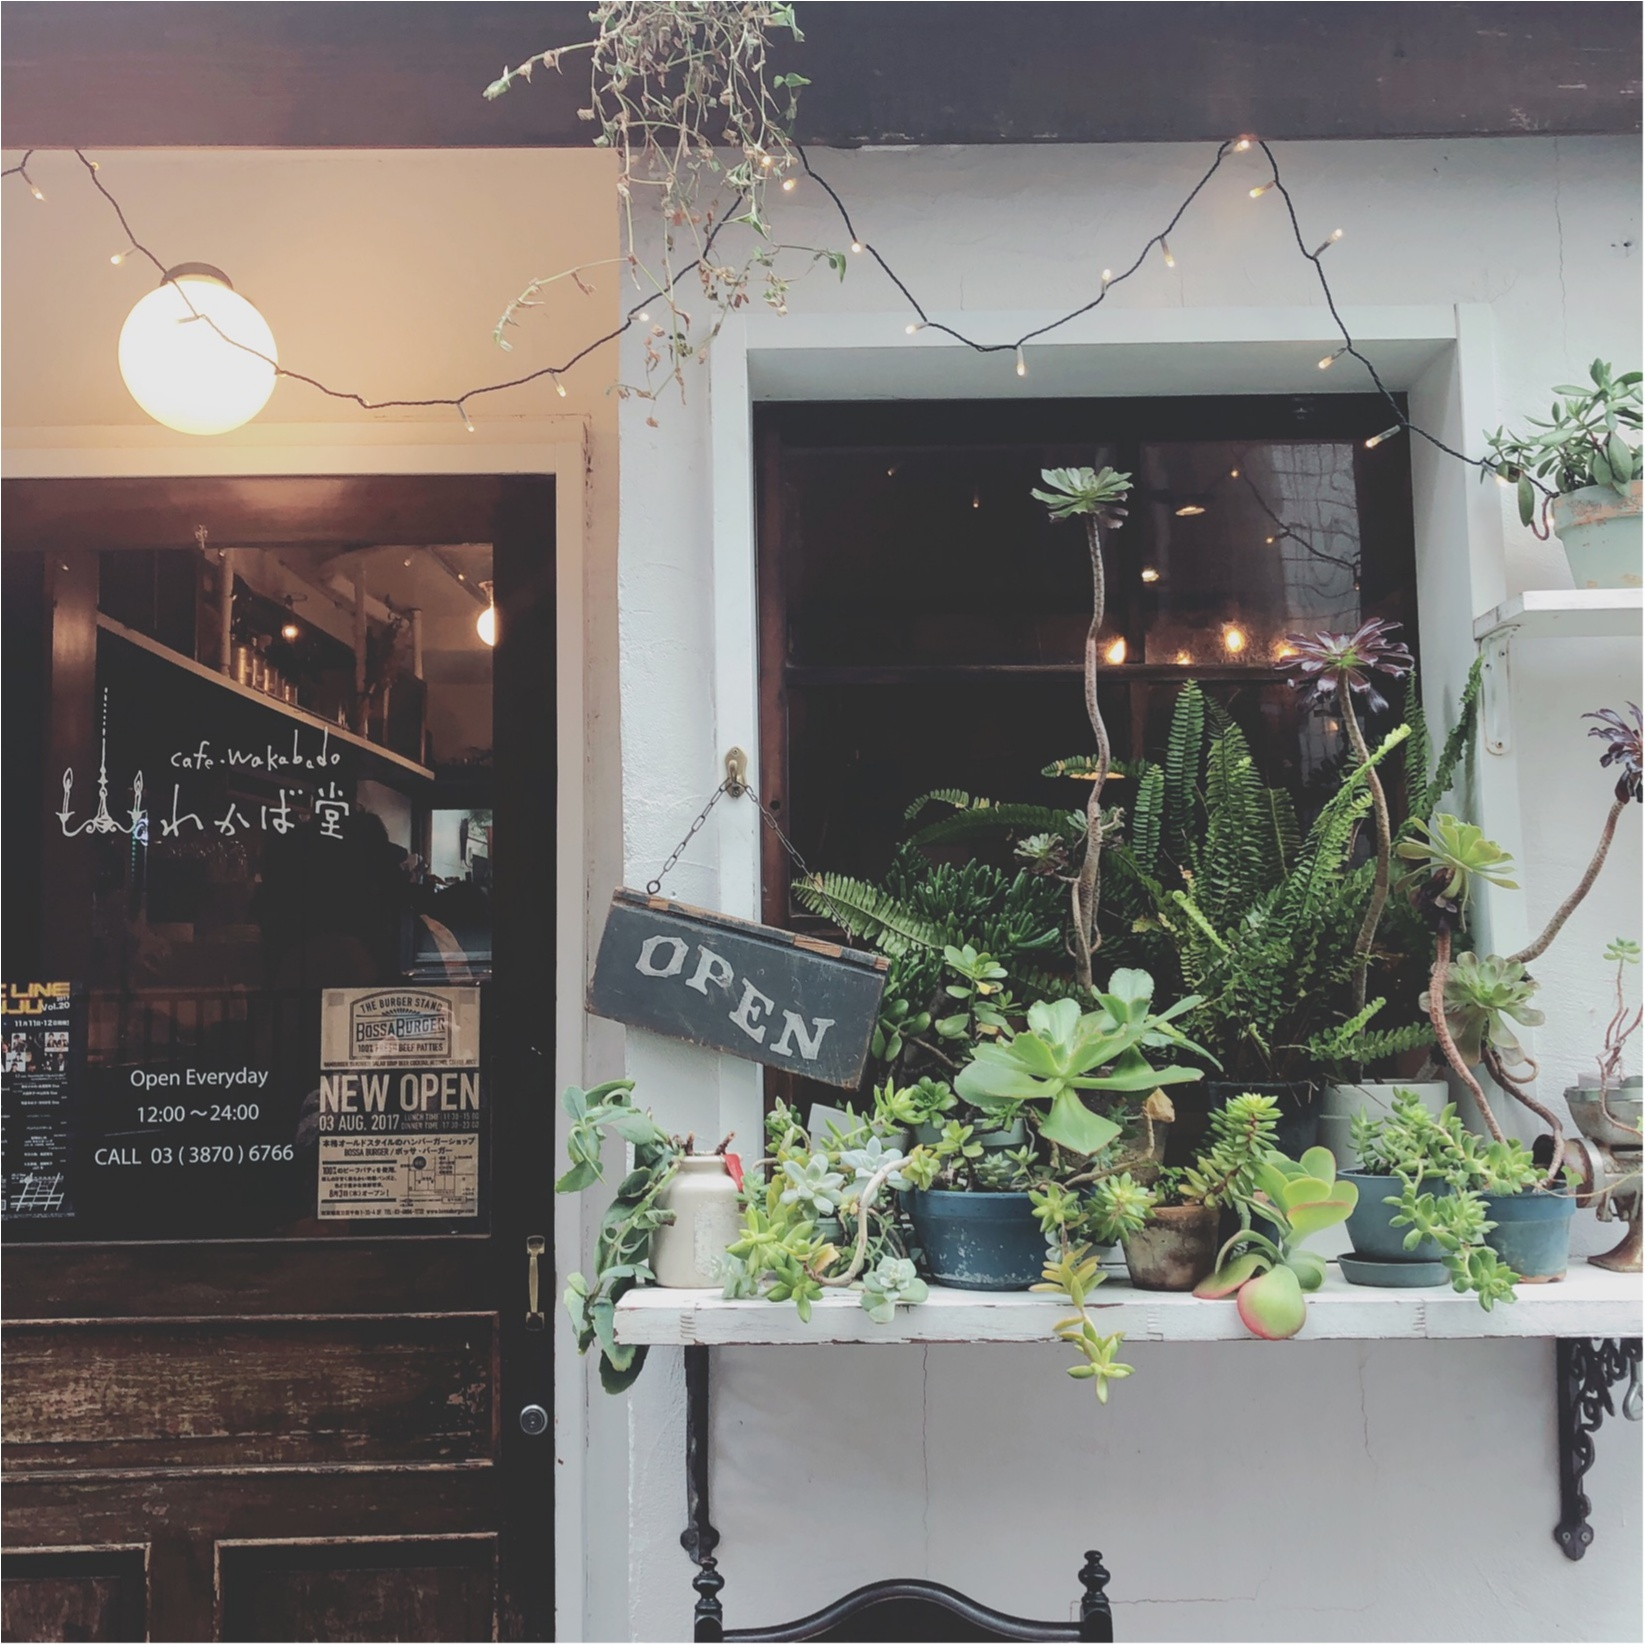 【古民家cafe★】とても古民家だったなんて思わせないお洒落〜っなカフェへ行ってきました♡♡今なら可愛いChristmas限定スイーツも・・♥︎_1